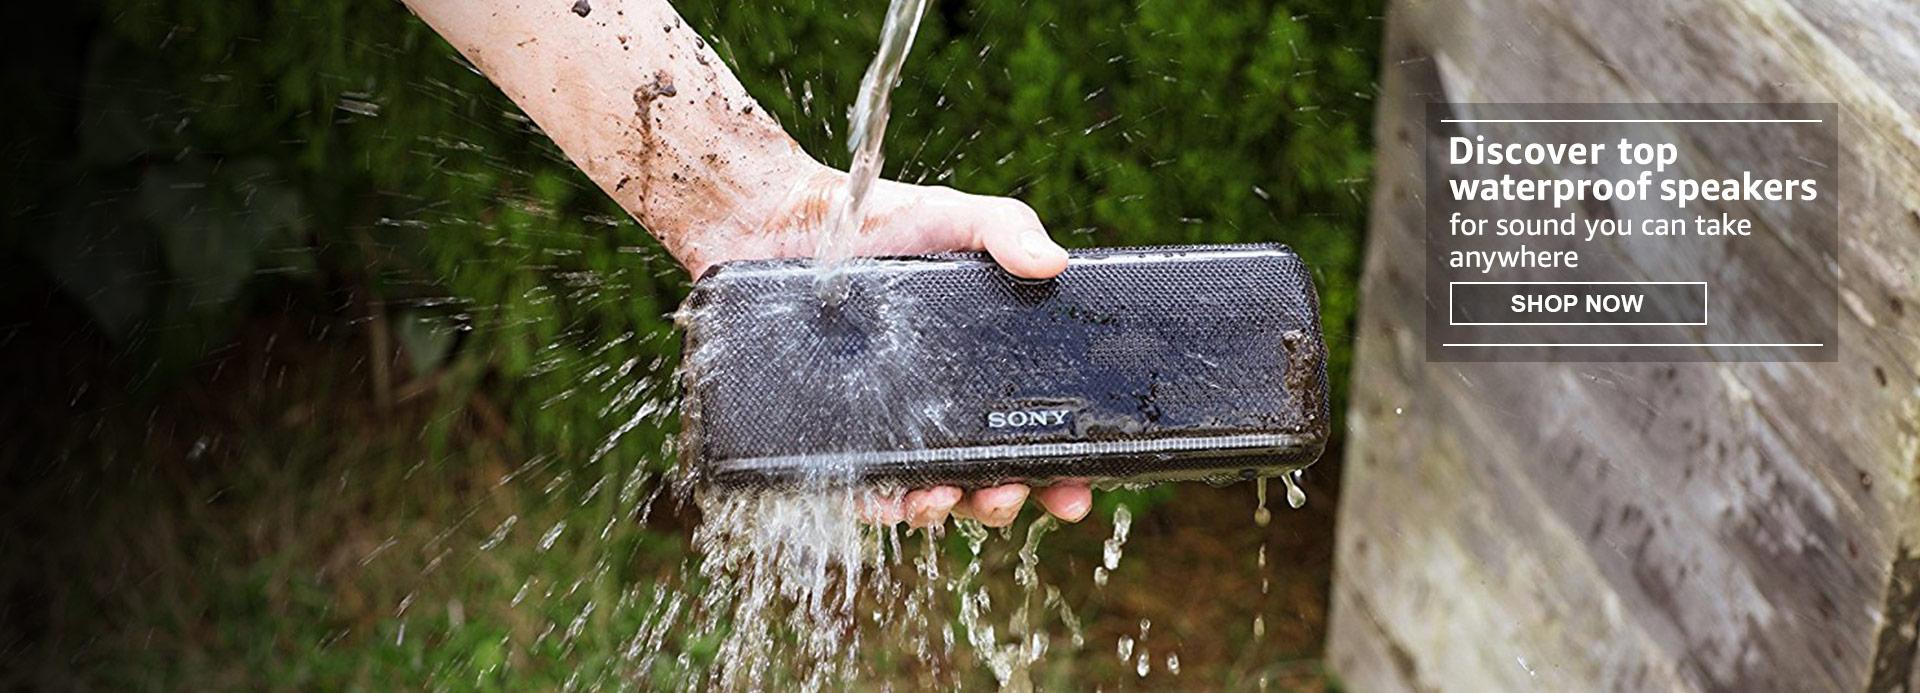 Waterproof speakers